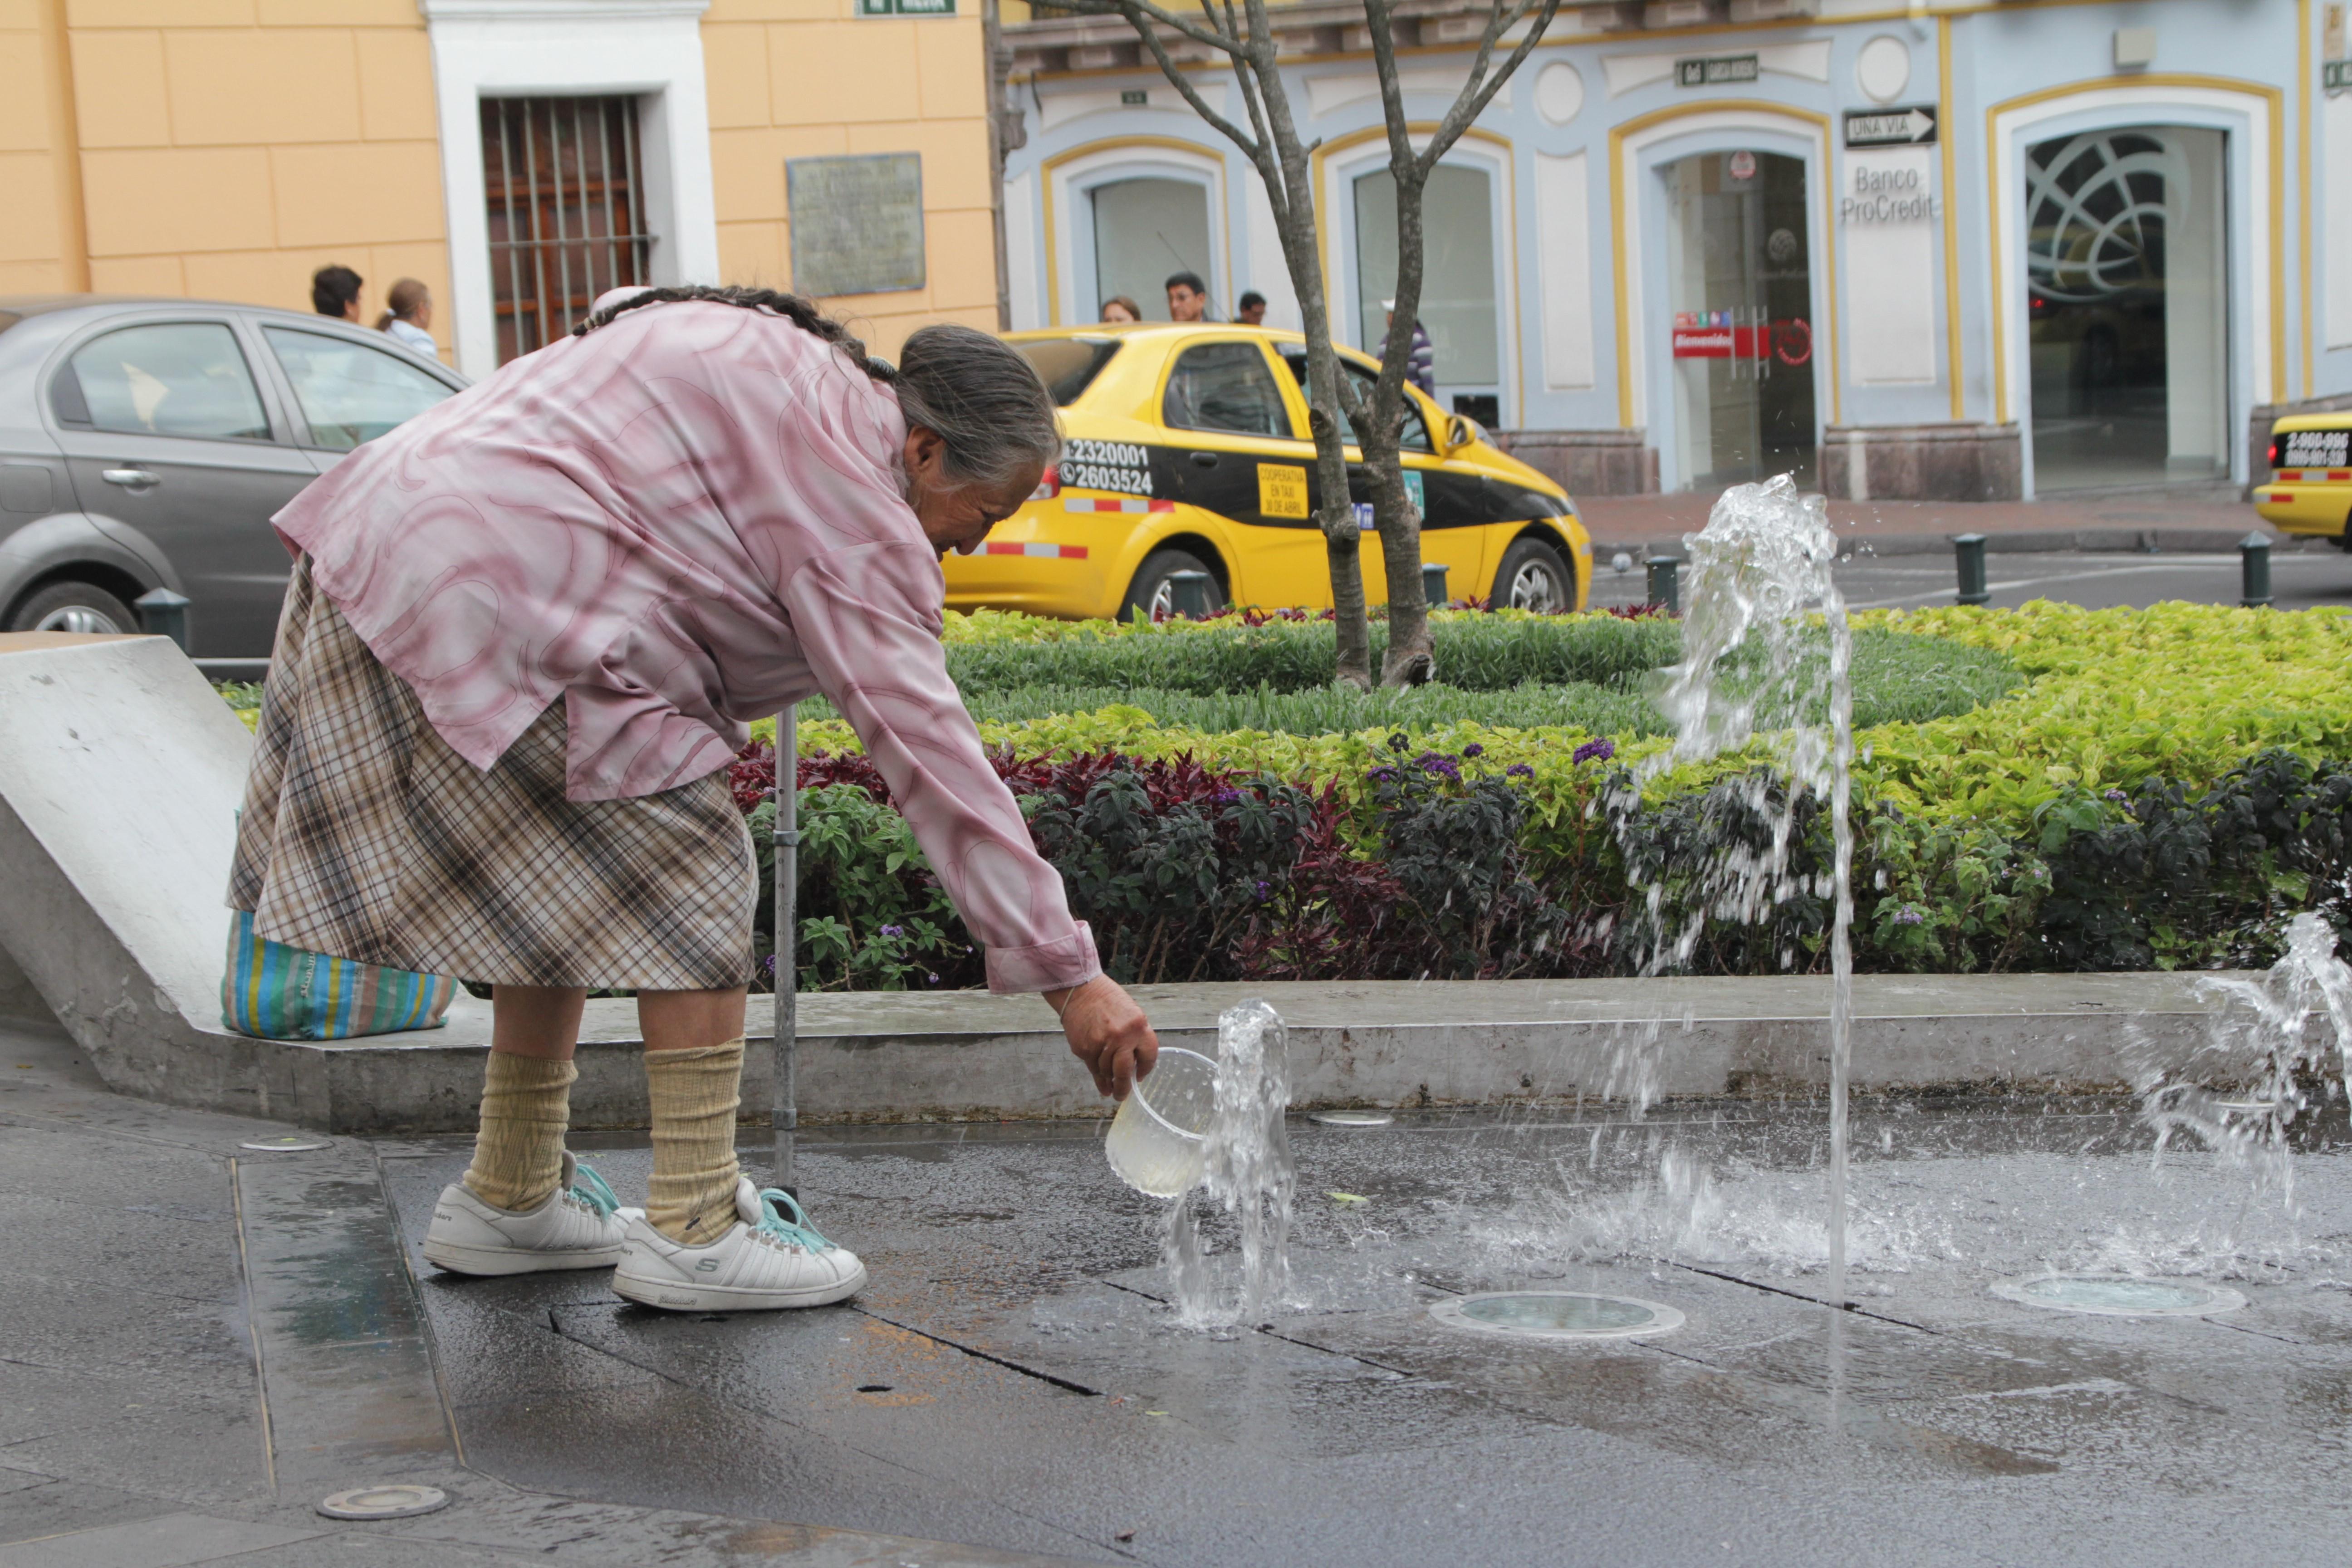 Une femme récolte l'eau de la fontaine où jouent les enfants (© Jérôme Decoster).